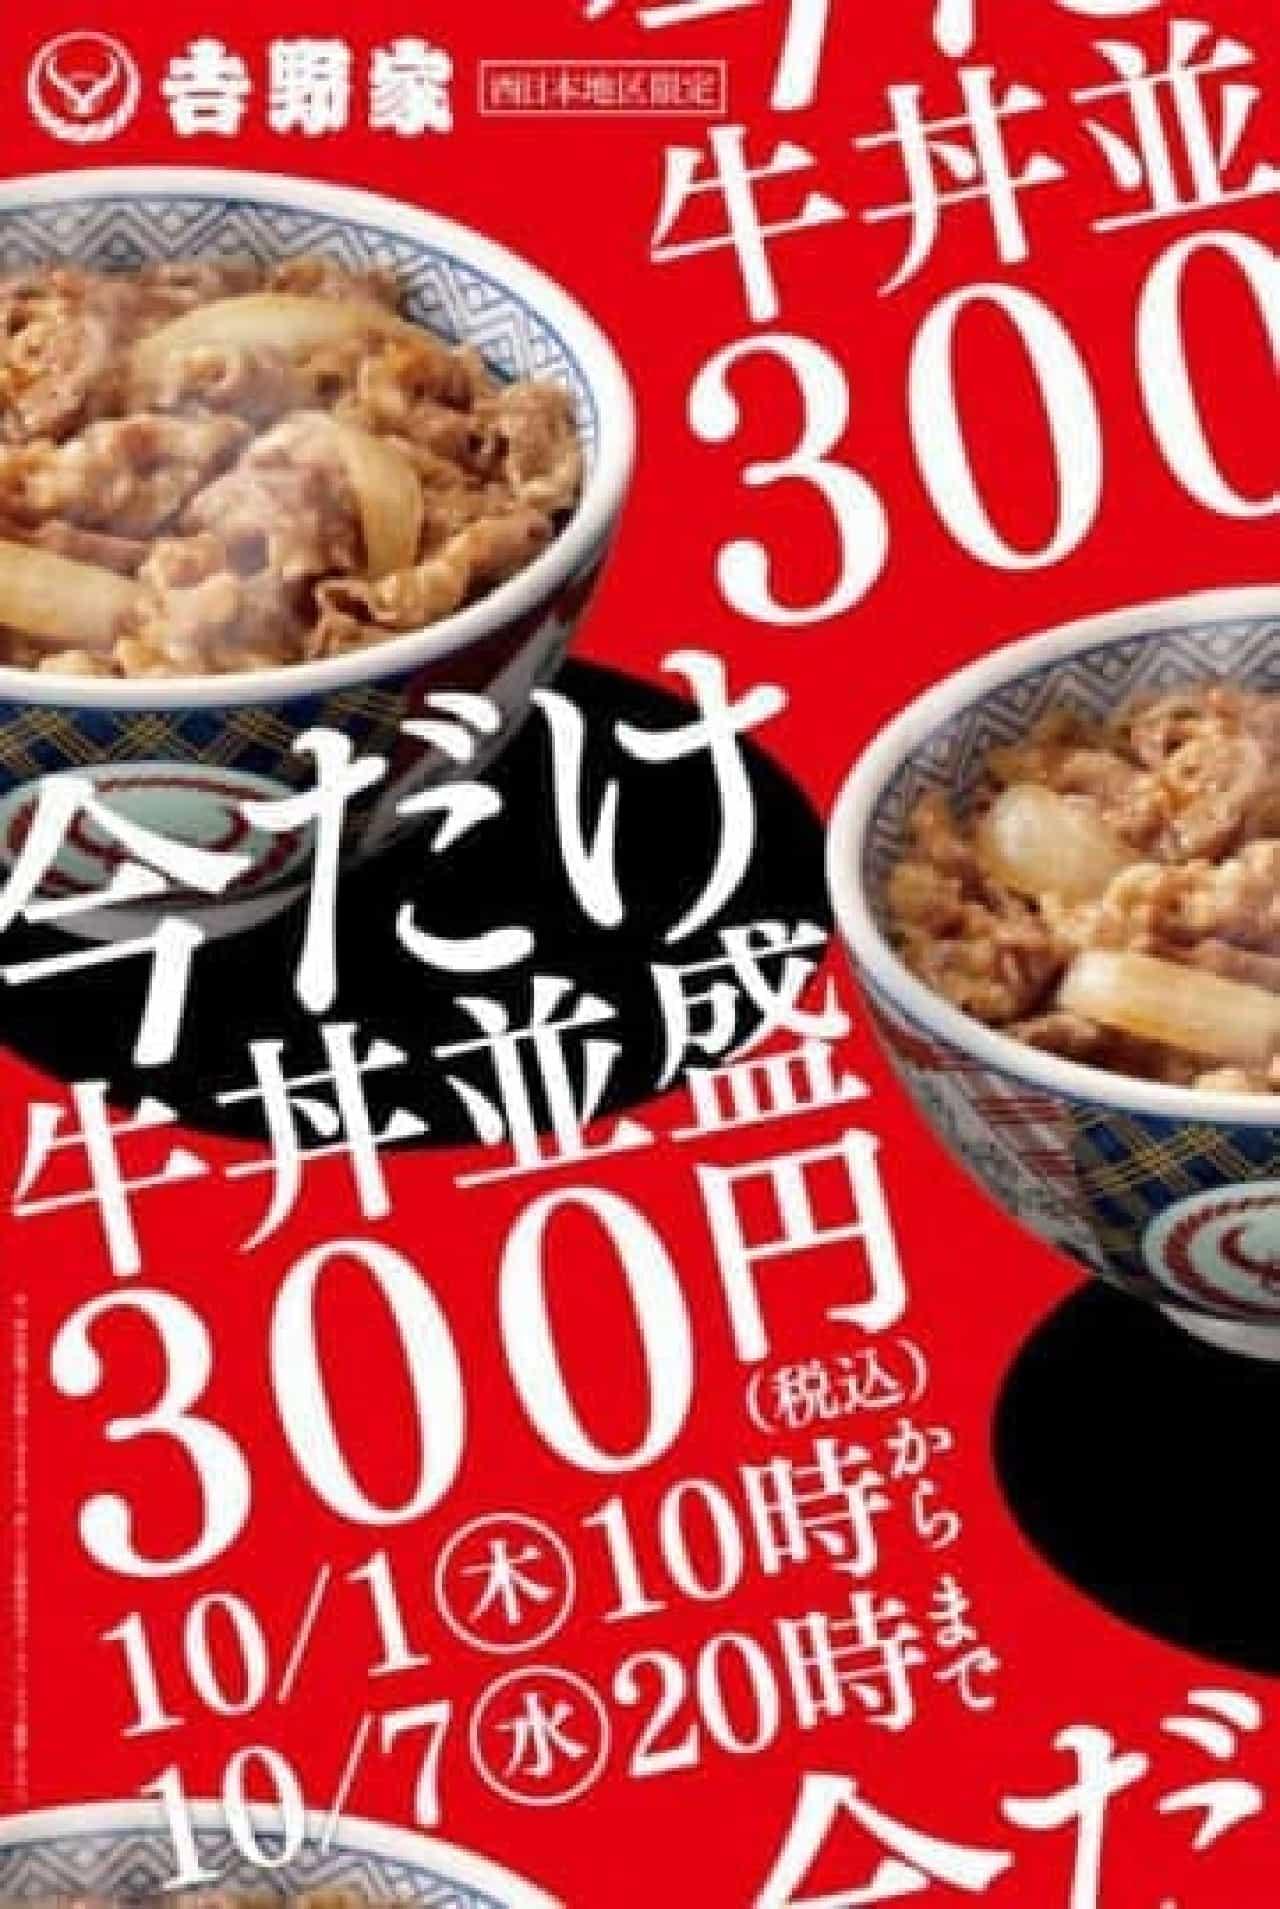 牛丼並盛が300円で!